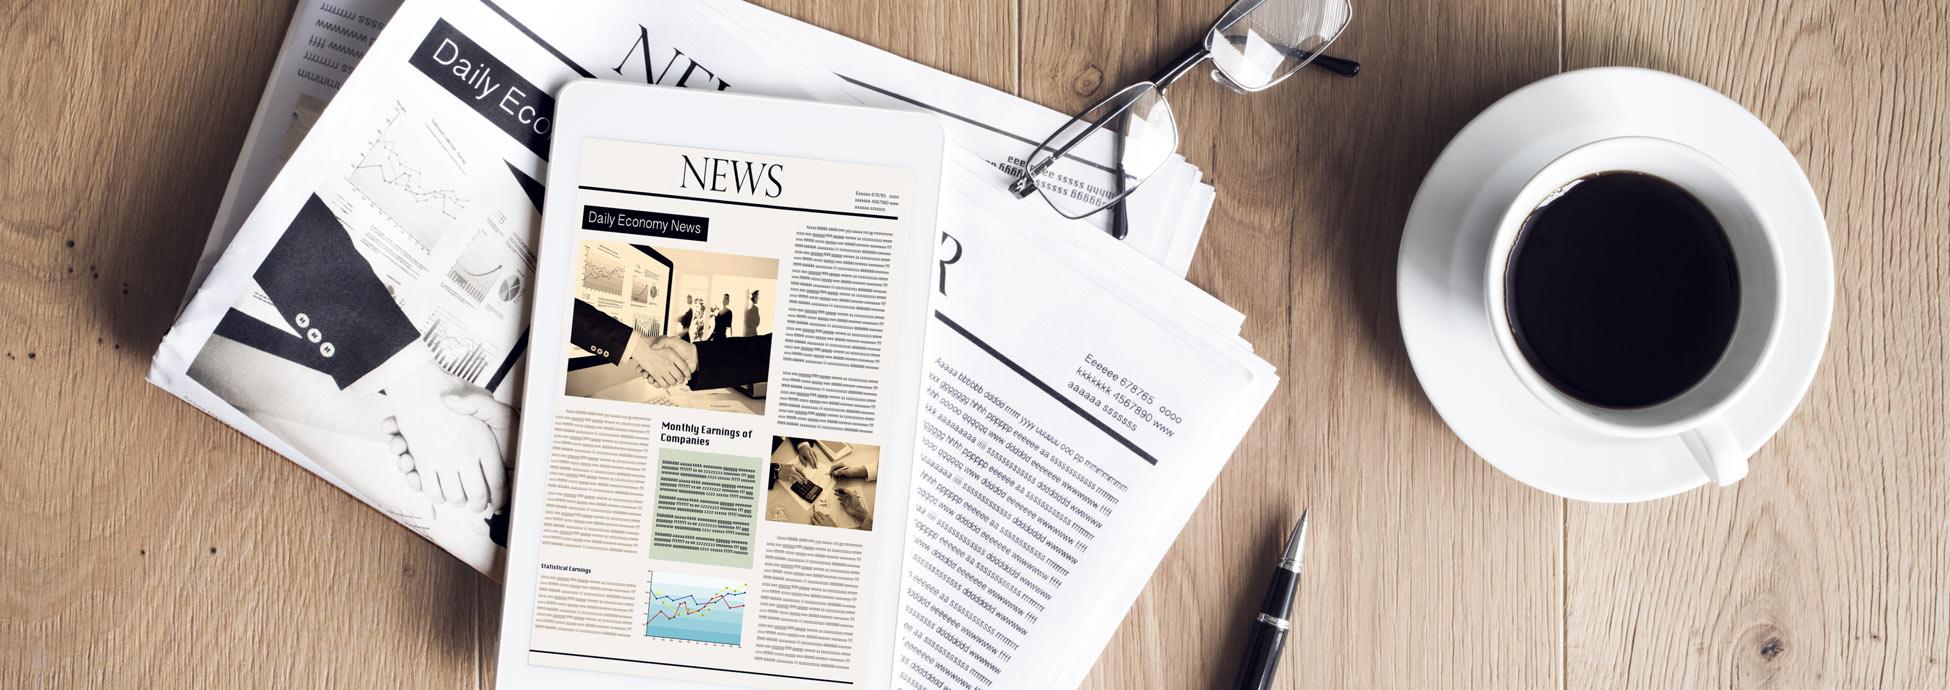 Актуальные новости, пресс-релизы и текущие даты